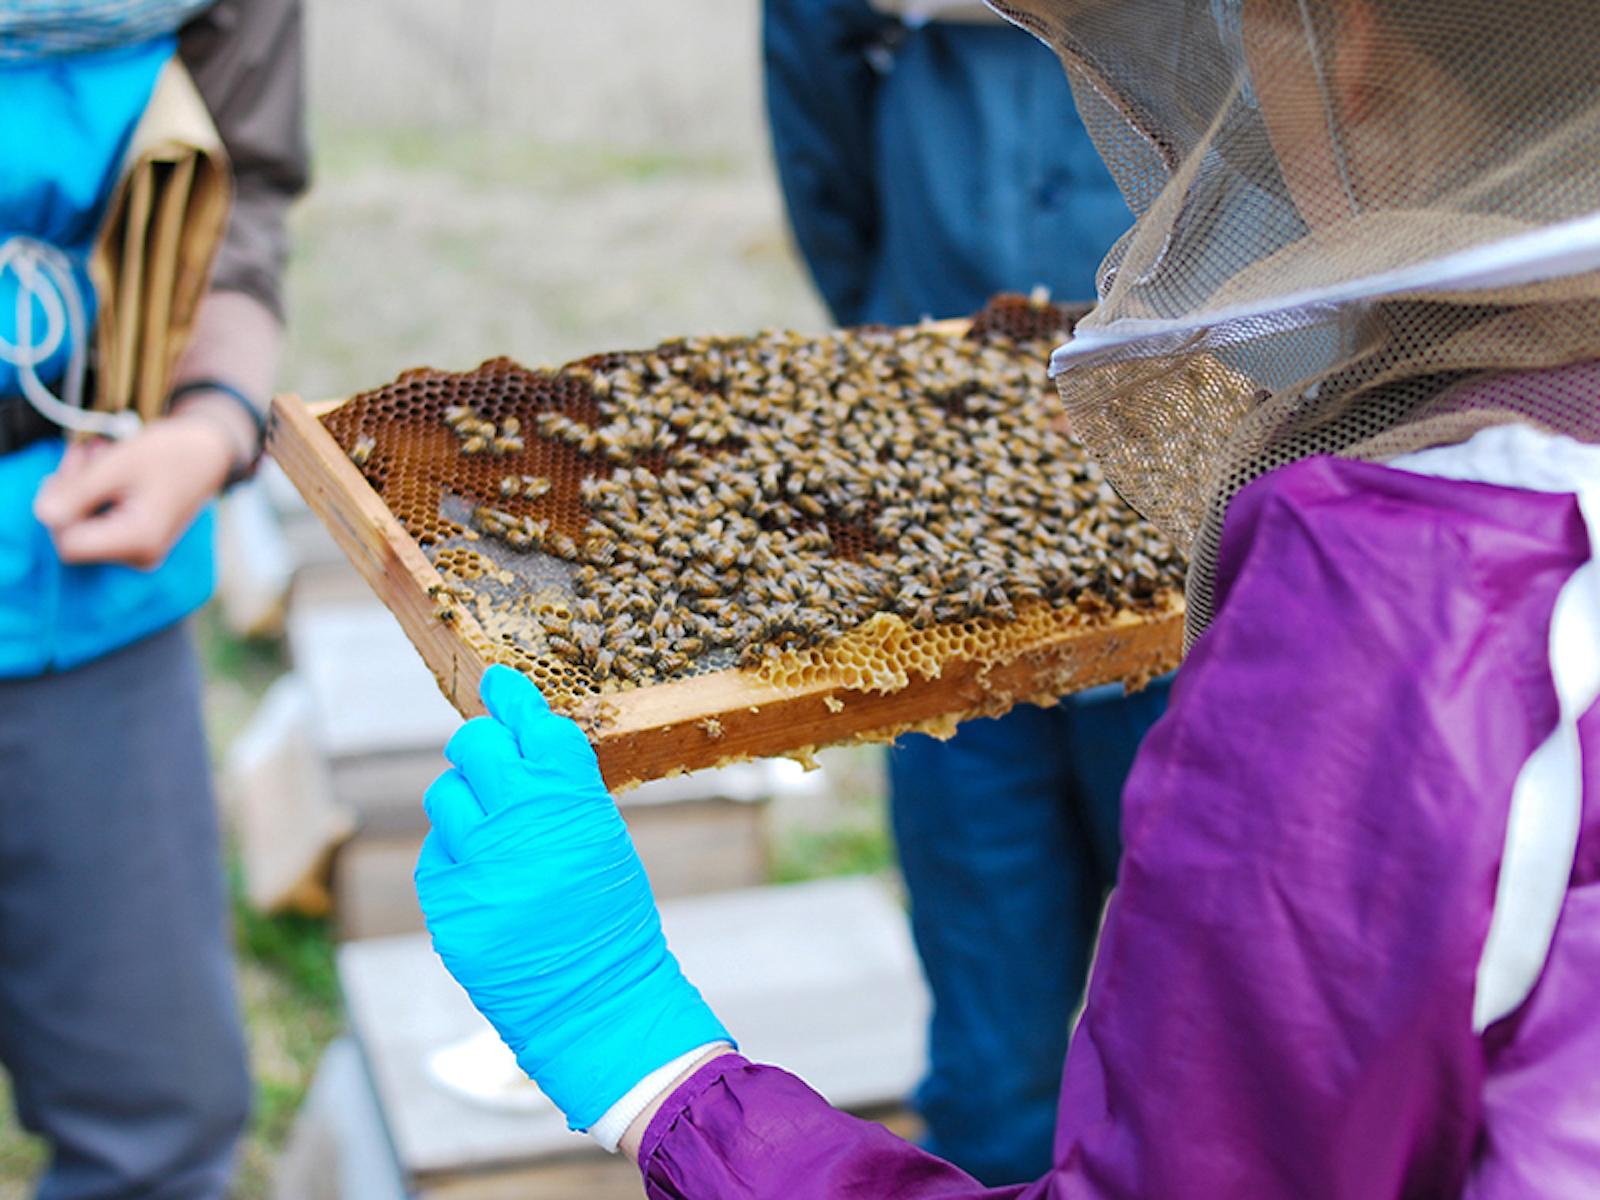 丁寧に世話をすれば、おとなしい蜂に育つ